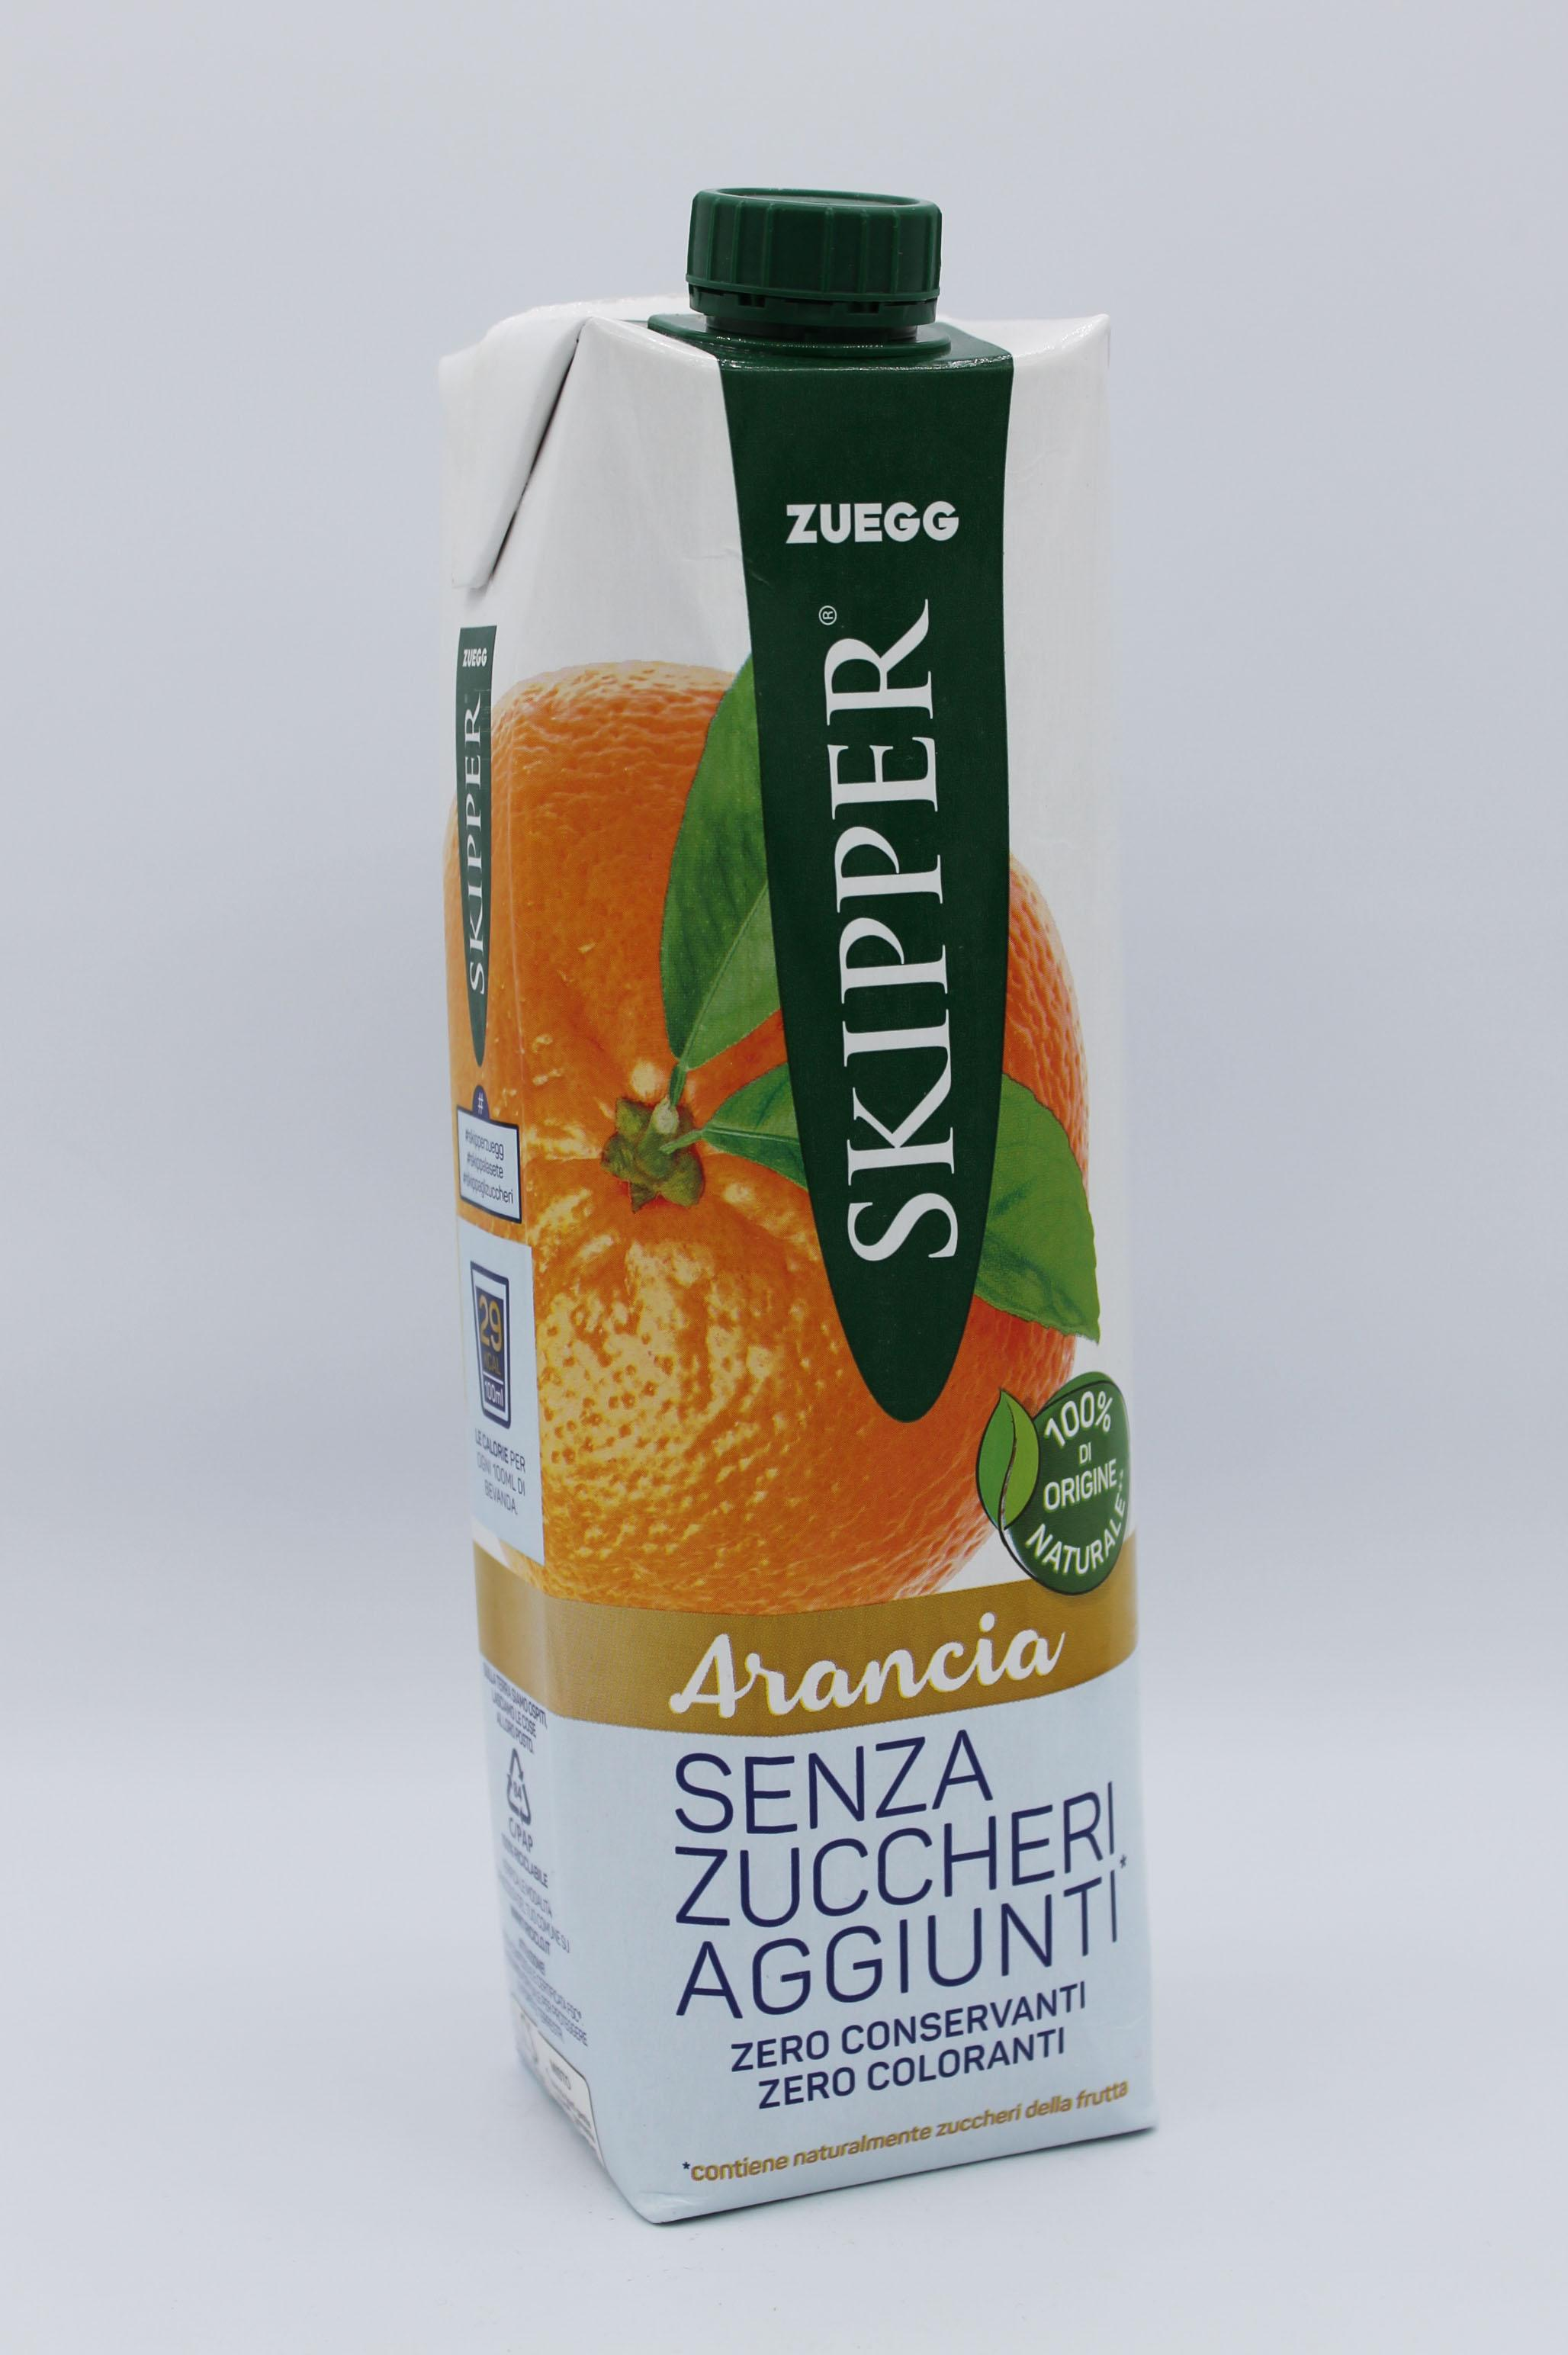 Zuegg succhi senza zuccheri 1 lt vari gusti.